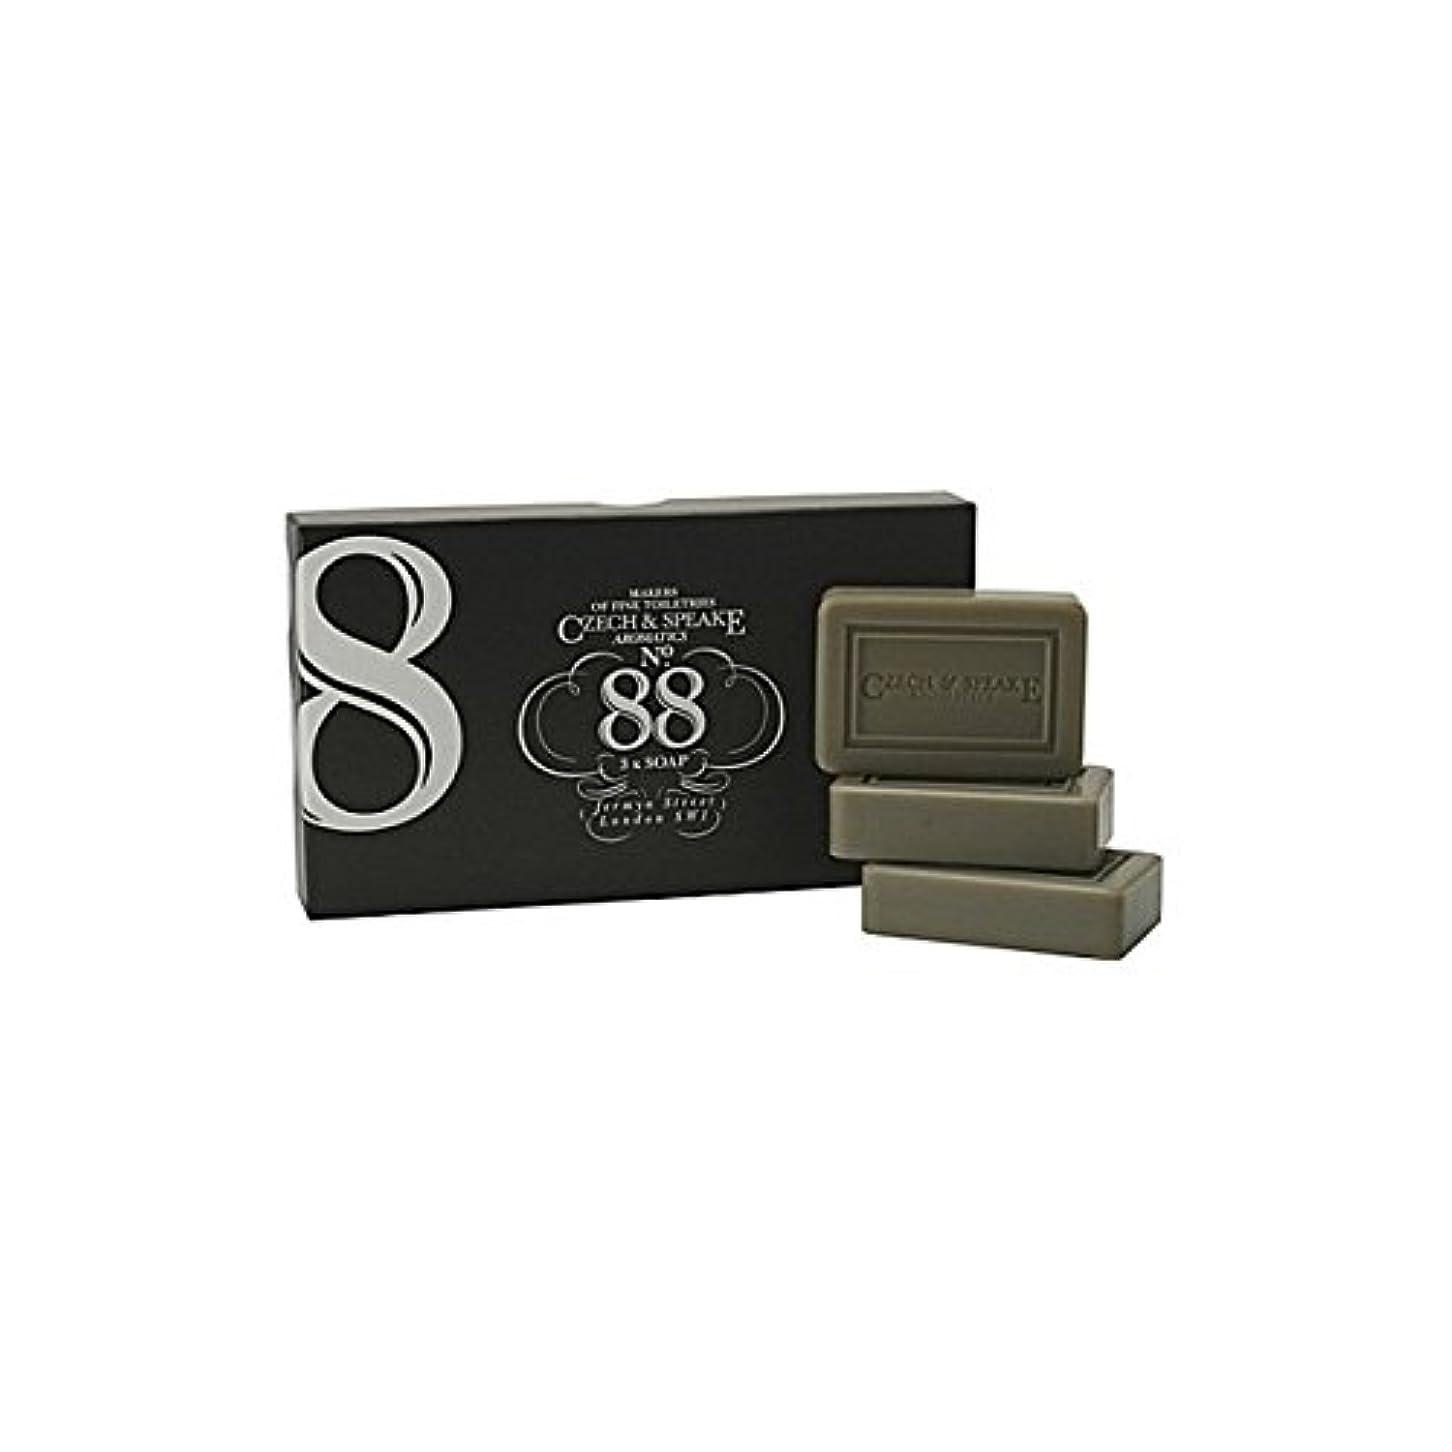 常習者同行争うチェコ&スピーク.88ソープセット x2 - Czech & Speake No.88 Soap Set (Pack of 2) [並行輸入品]